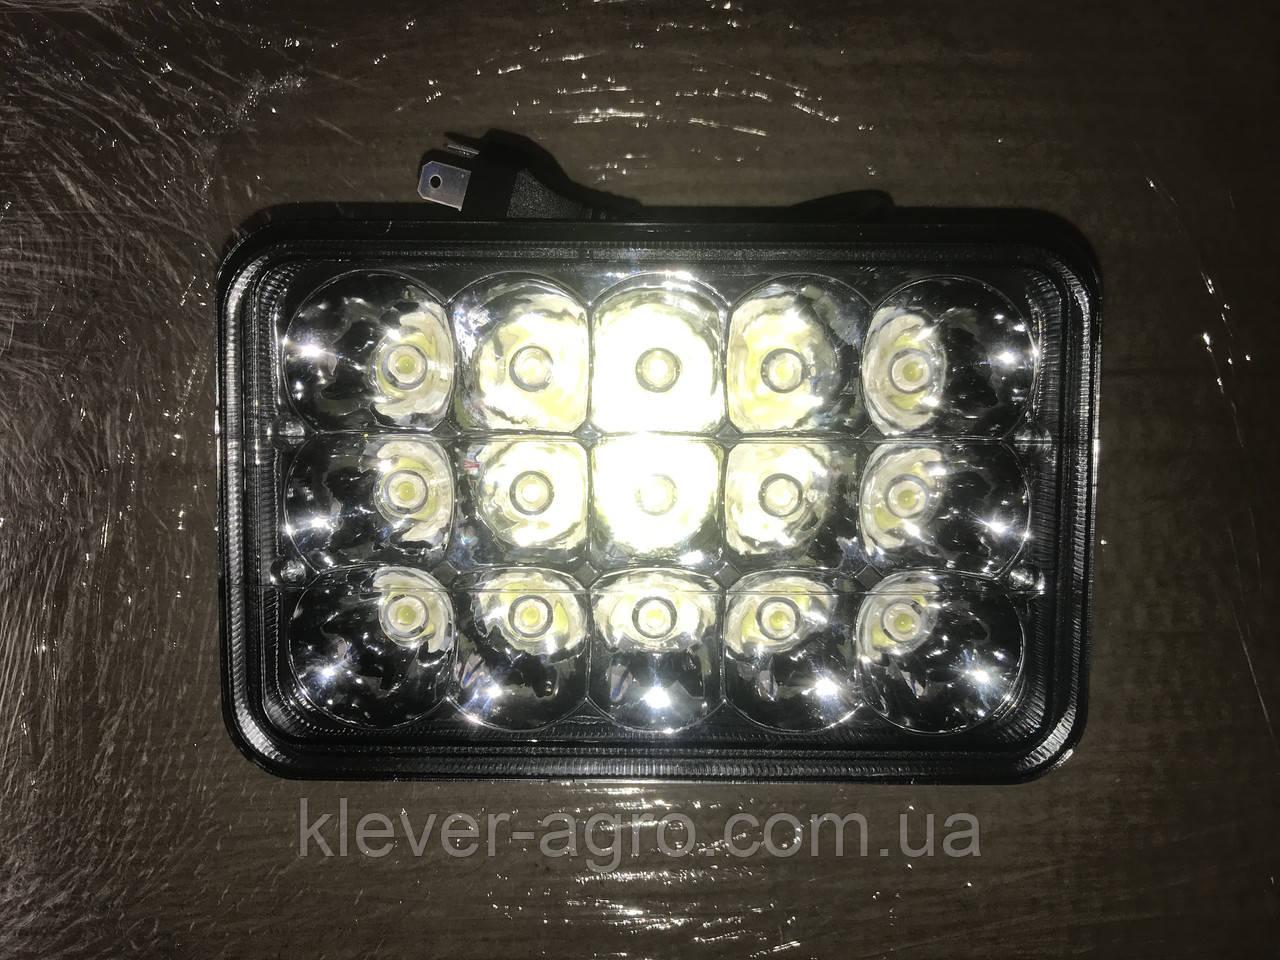 Фара LED прямоугольная 45W, 15 ламп, 110*170мм, узкий луч